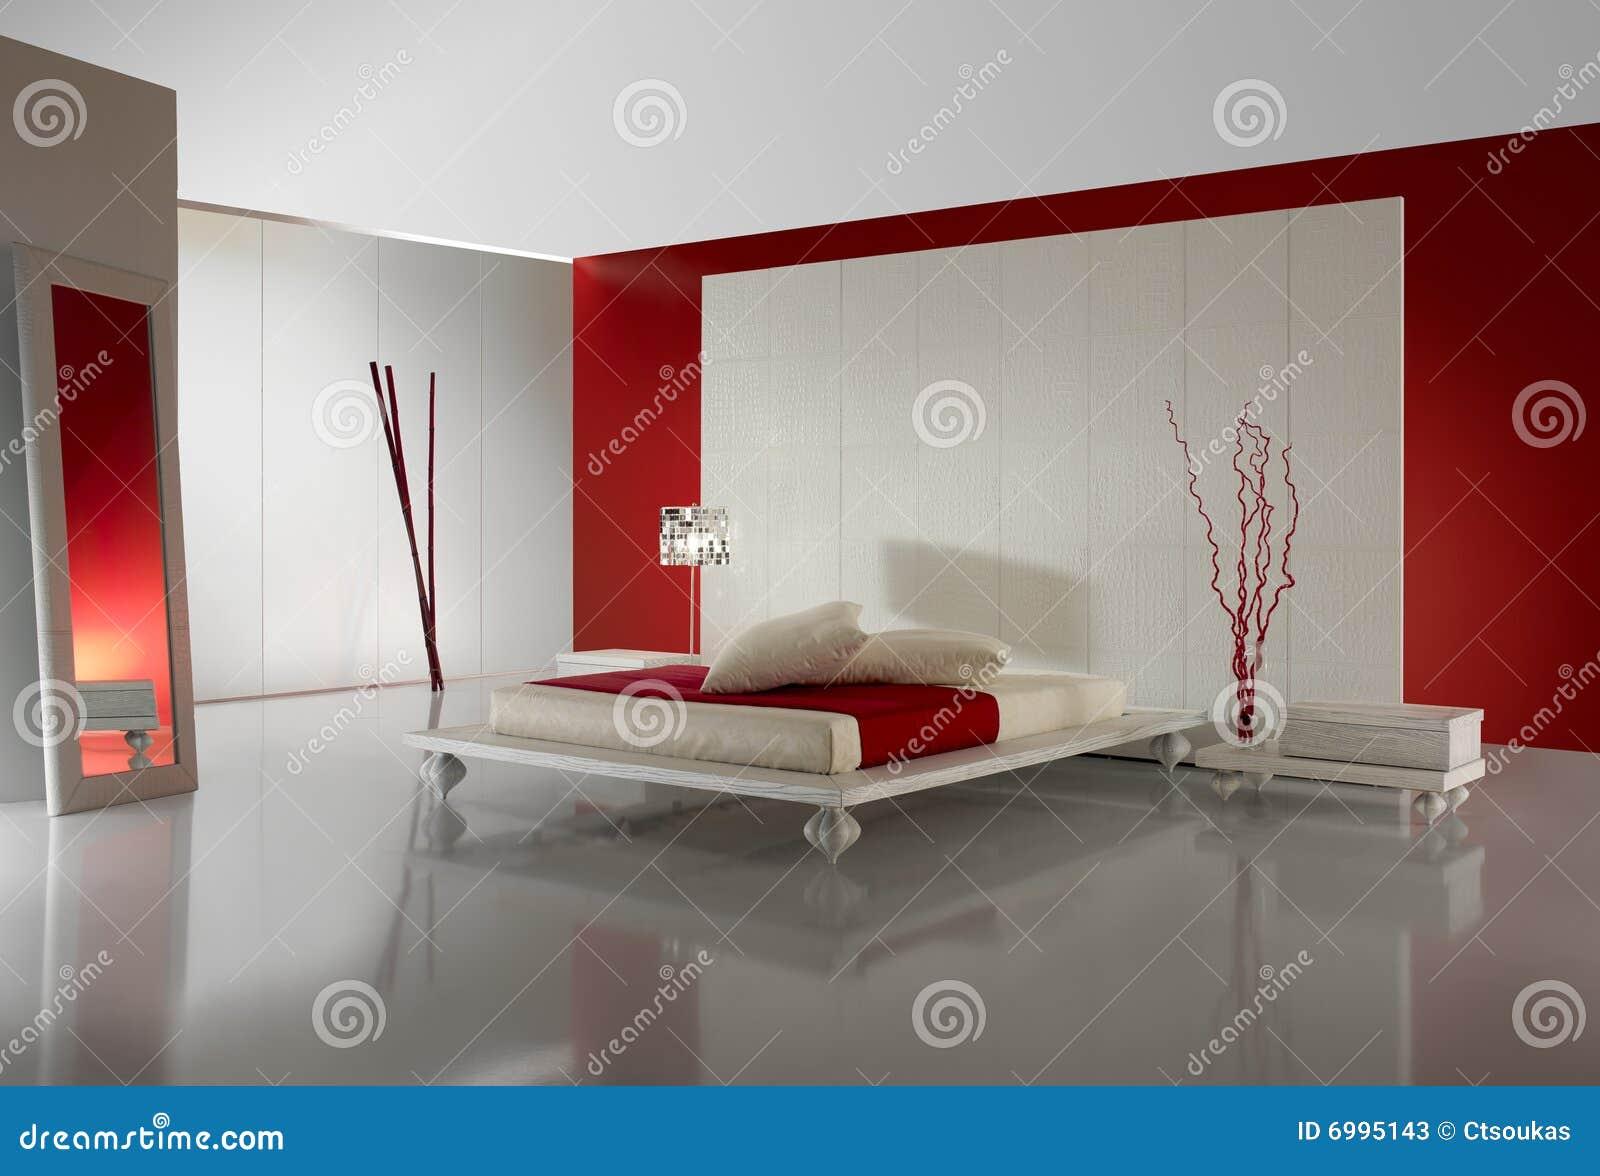 Chambre à Coucher Luxueuse Moderne Image stock - Image du beau ...